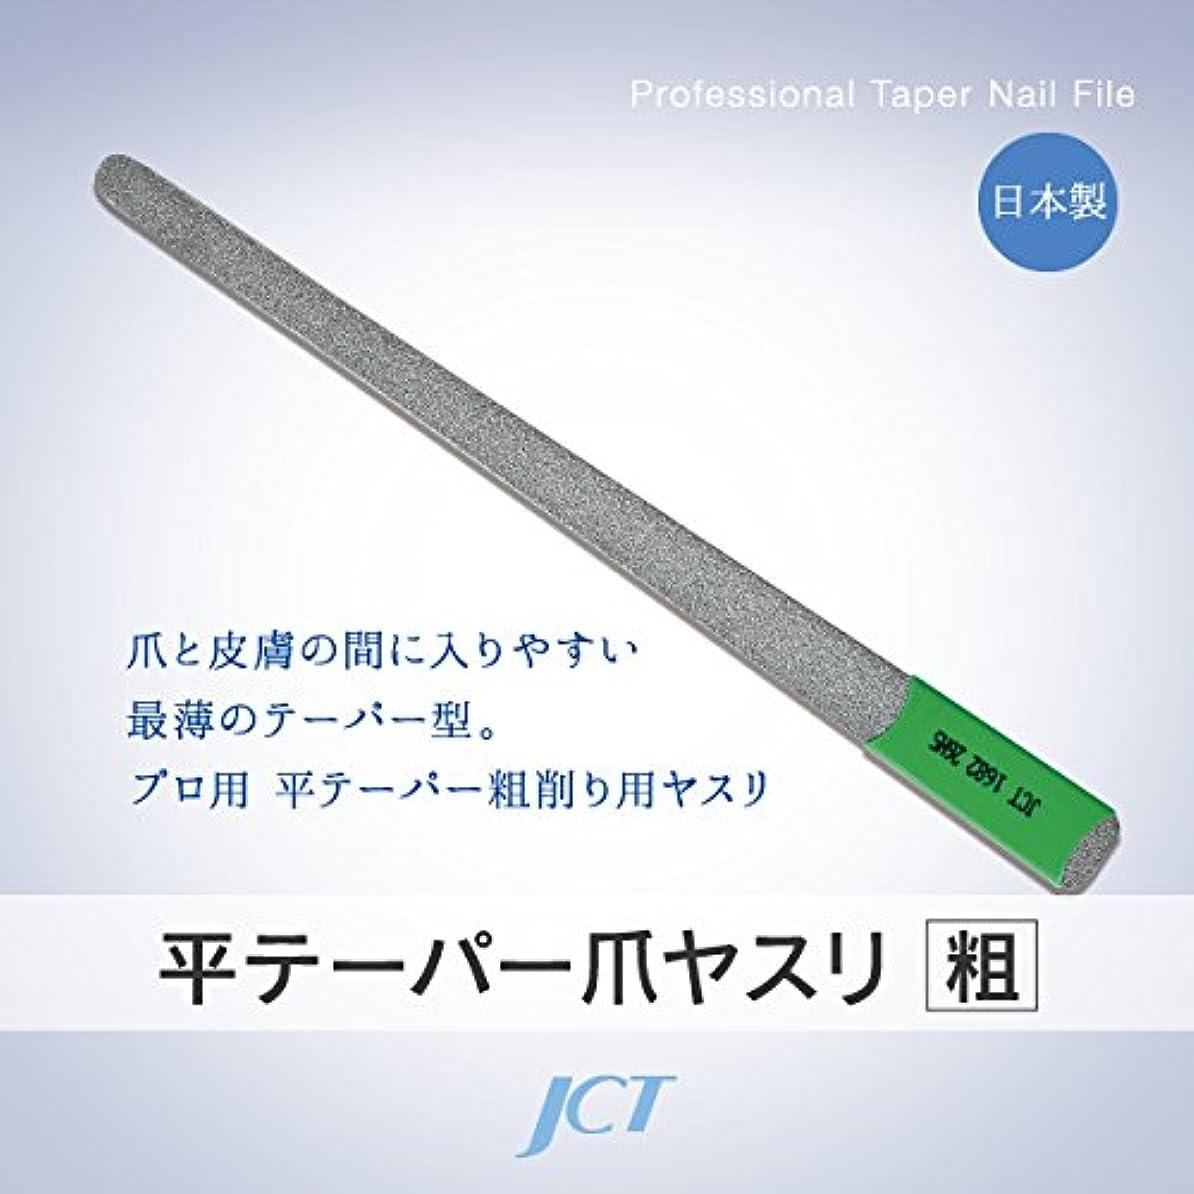 脚本排泄する三角形JCT メディカル フットケア ダイヤモンド平テーパー爪ヤスリ(粗) 滅菌可 日本製 1年間保証付